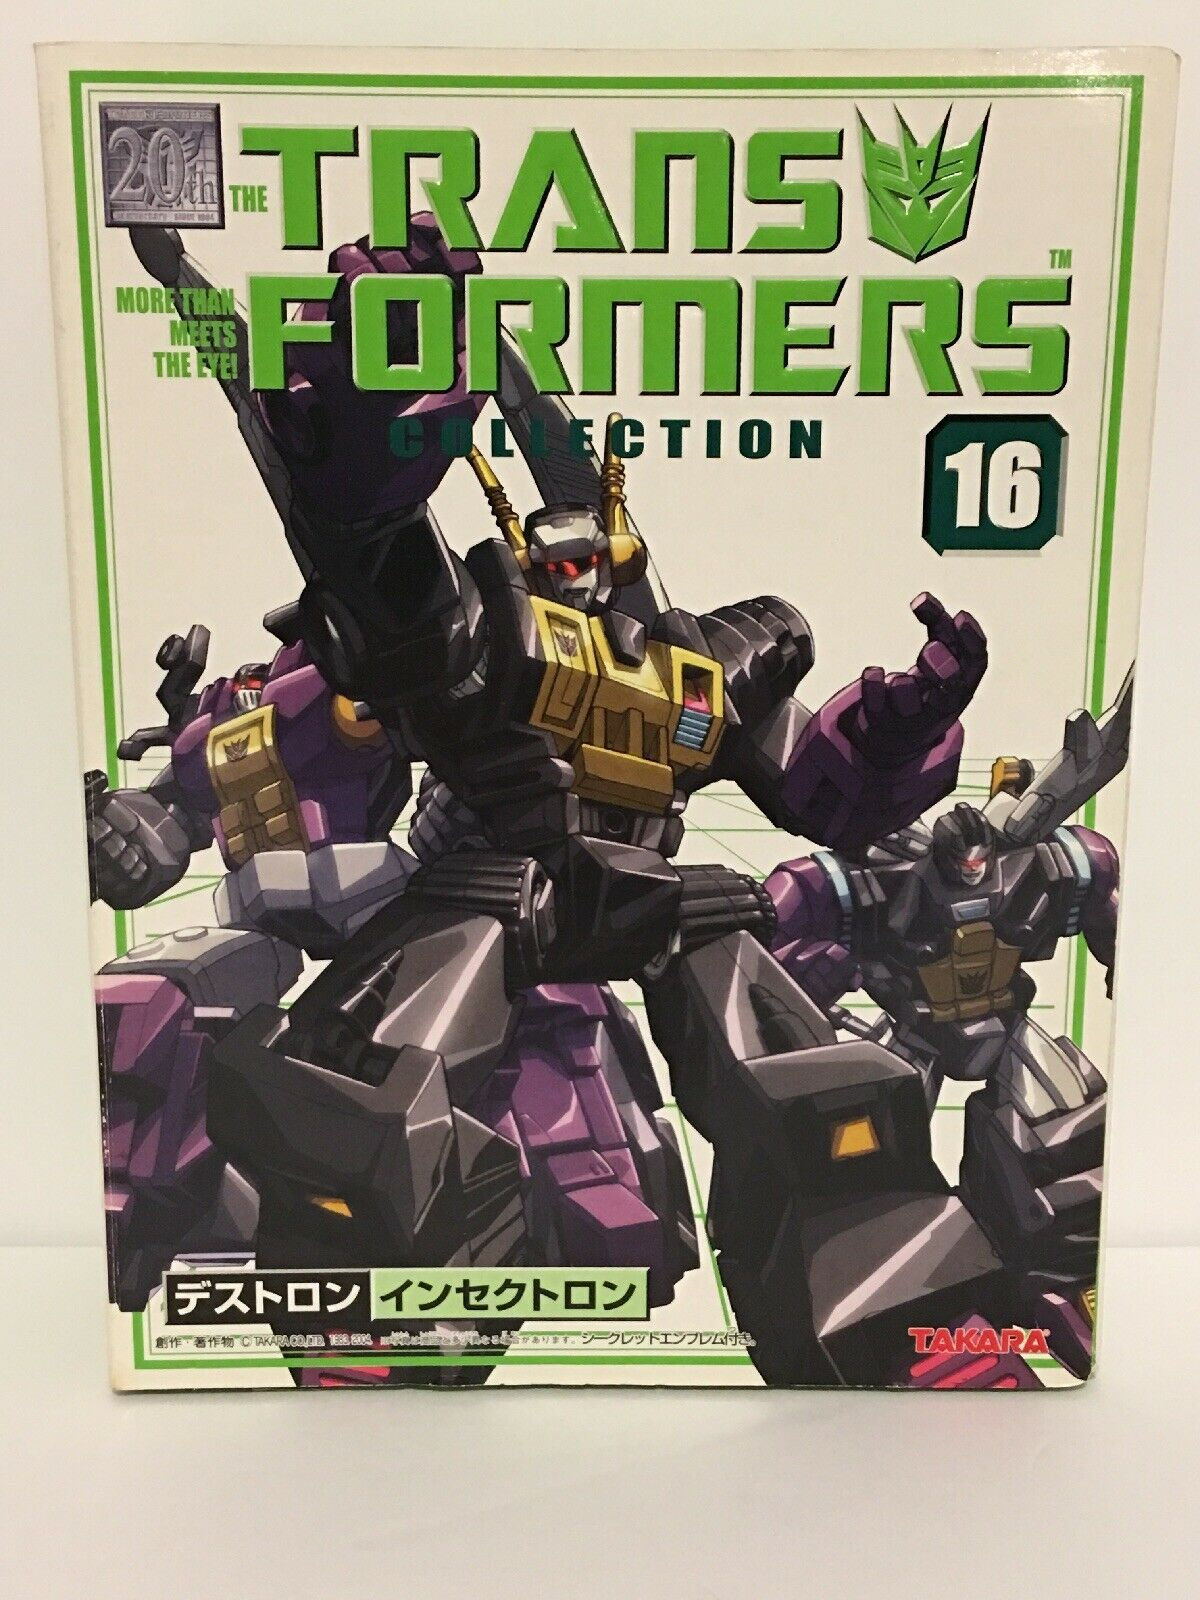 Transformateur G1 Insecticons 20th Anniversary  Takara réédition en boîte  pour vous offrir un shopping en ligne agréable